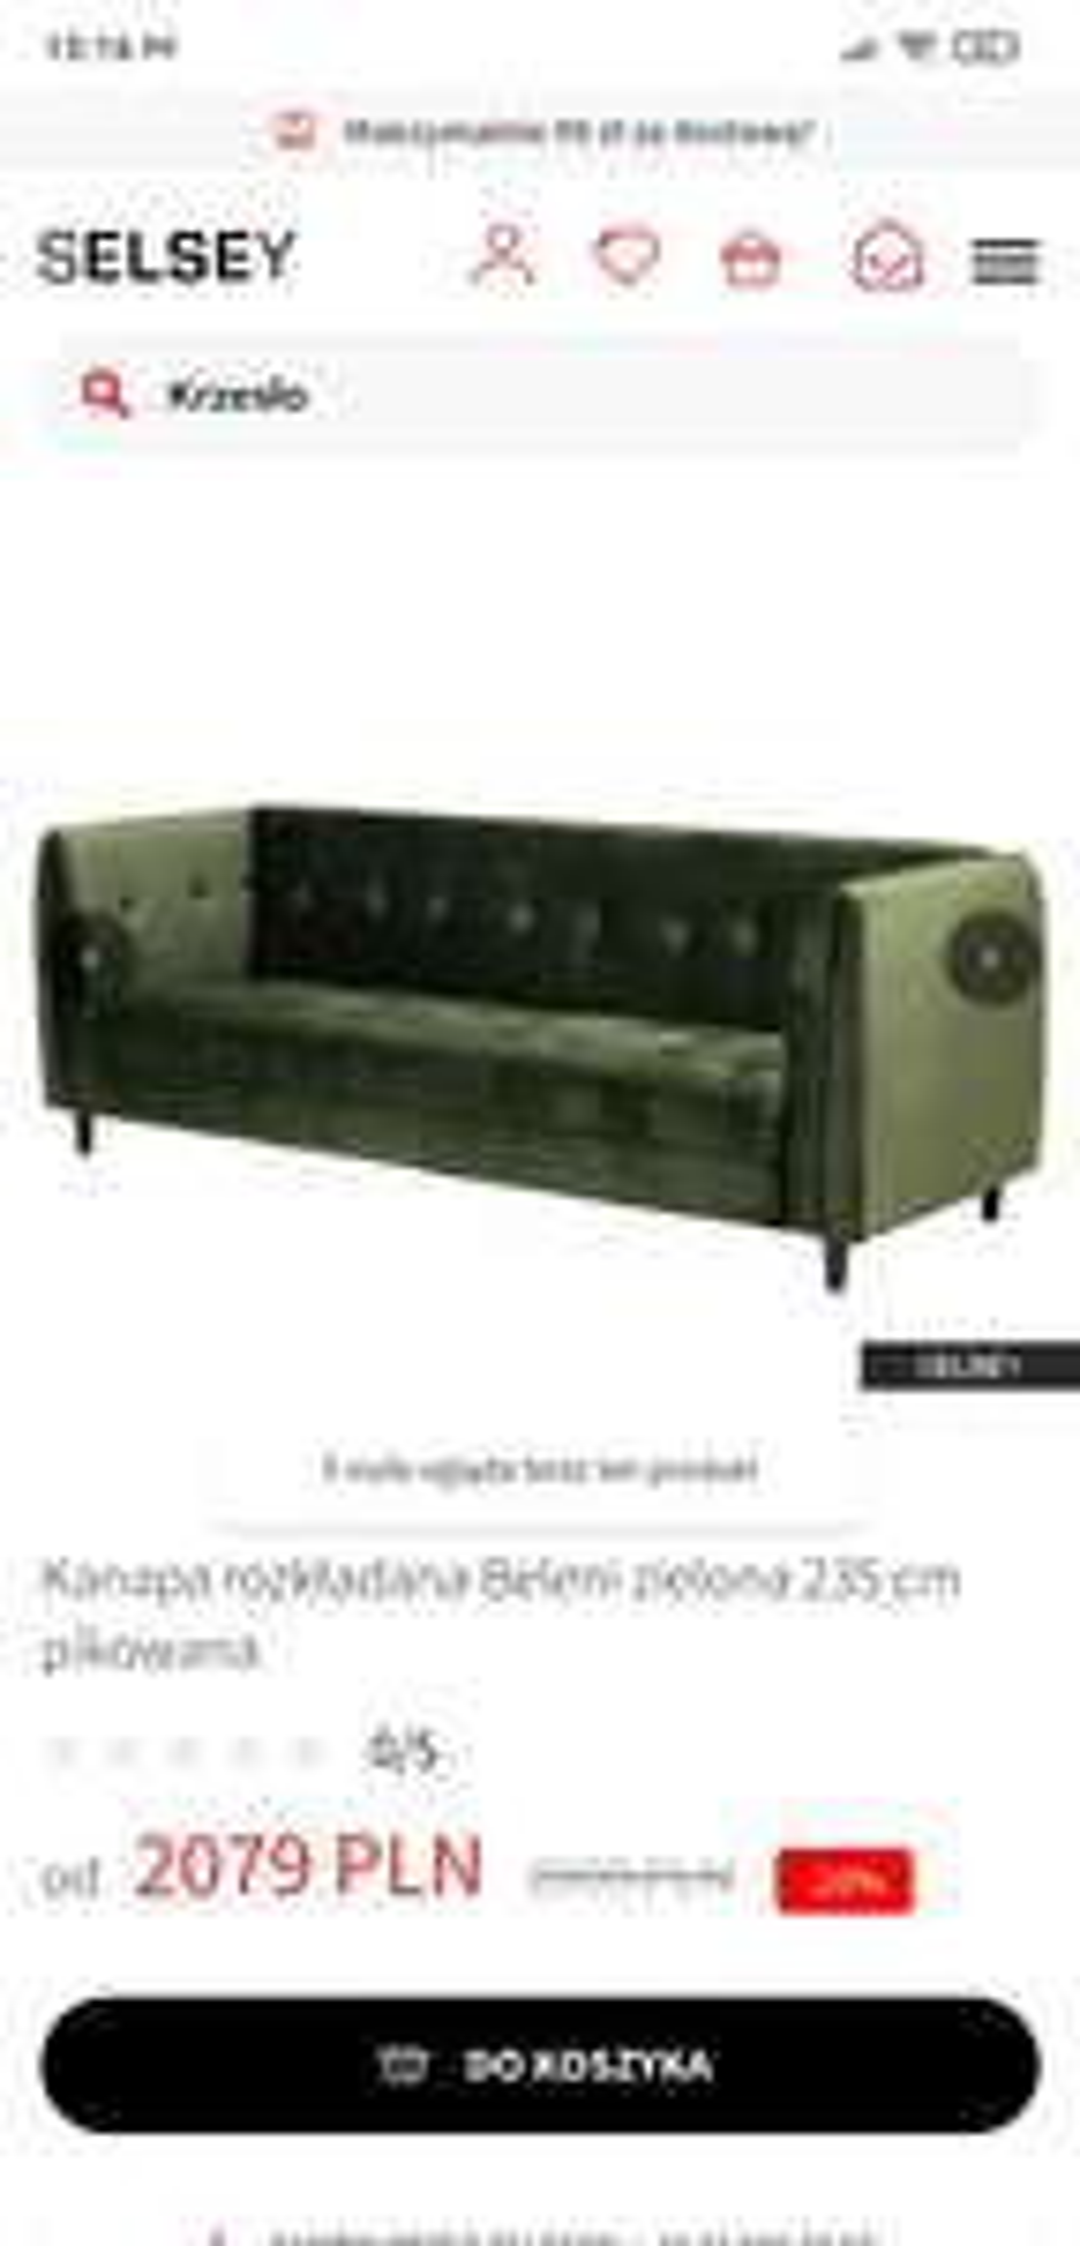 Sofa rozkładana Beleni zielona 235 cm pikowana